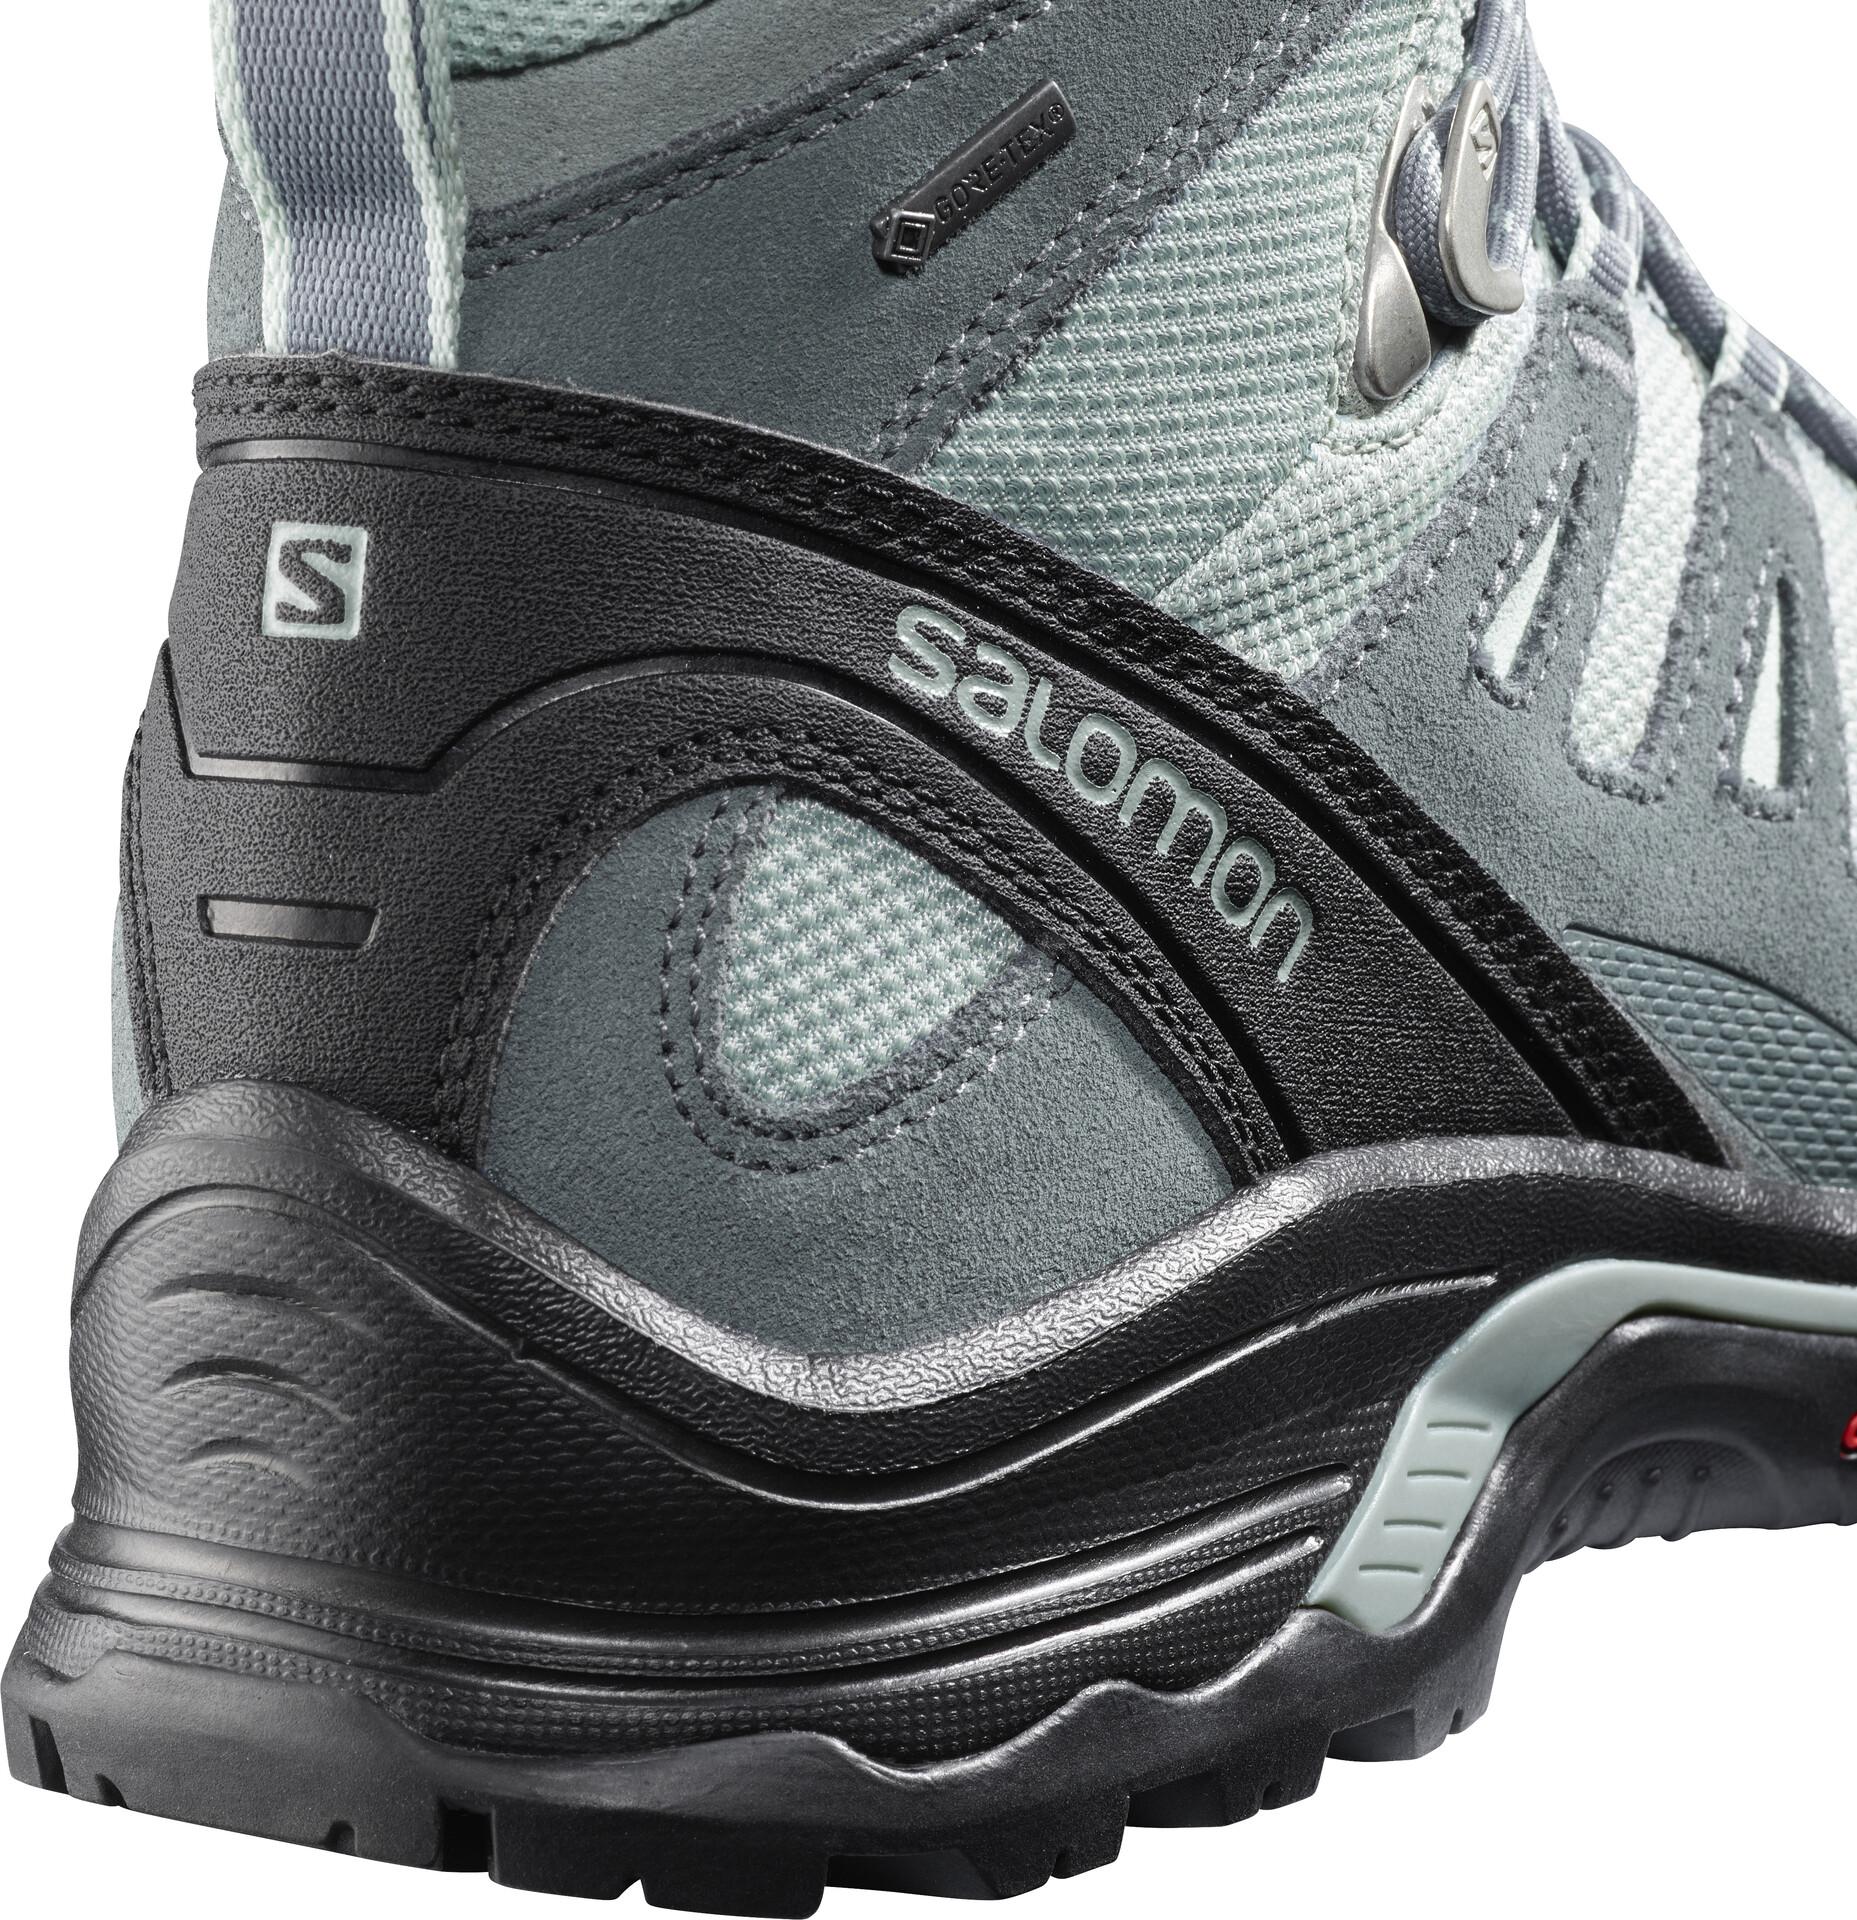 Salomon Quest Prime GTX Schoenen Dames, leadstormy weathereggshell blue